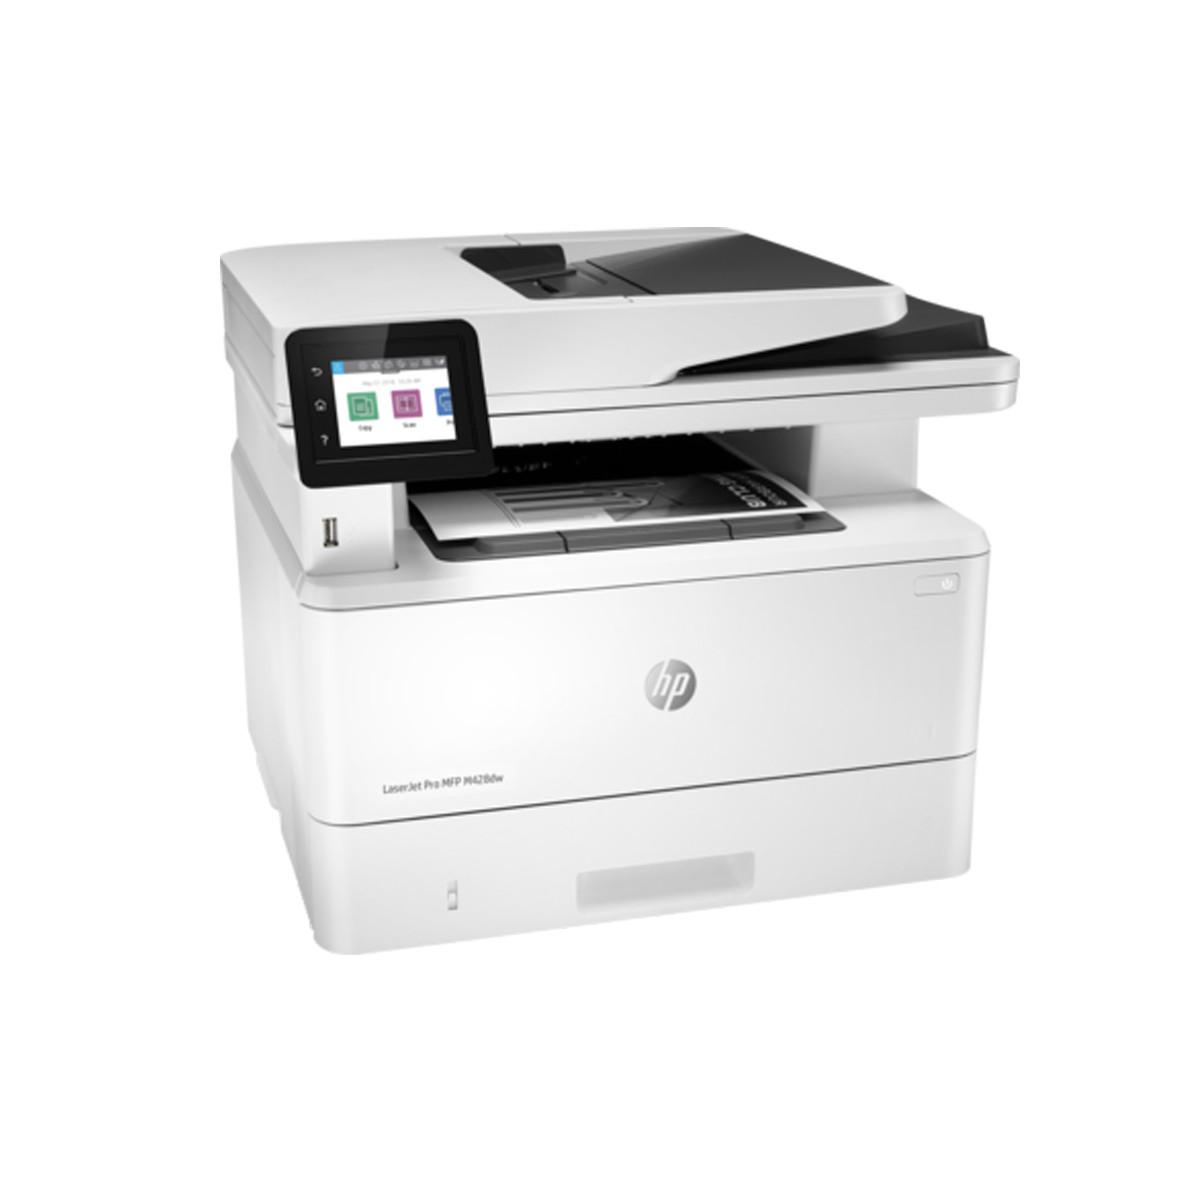 Impressora HP LaserJet Pro M428DW W1A28A | Multifuncional com Wireless